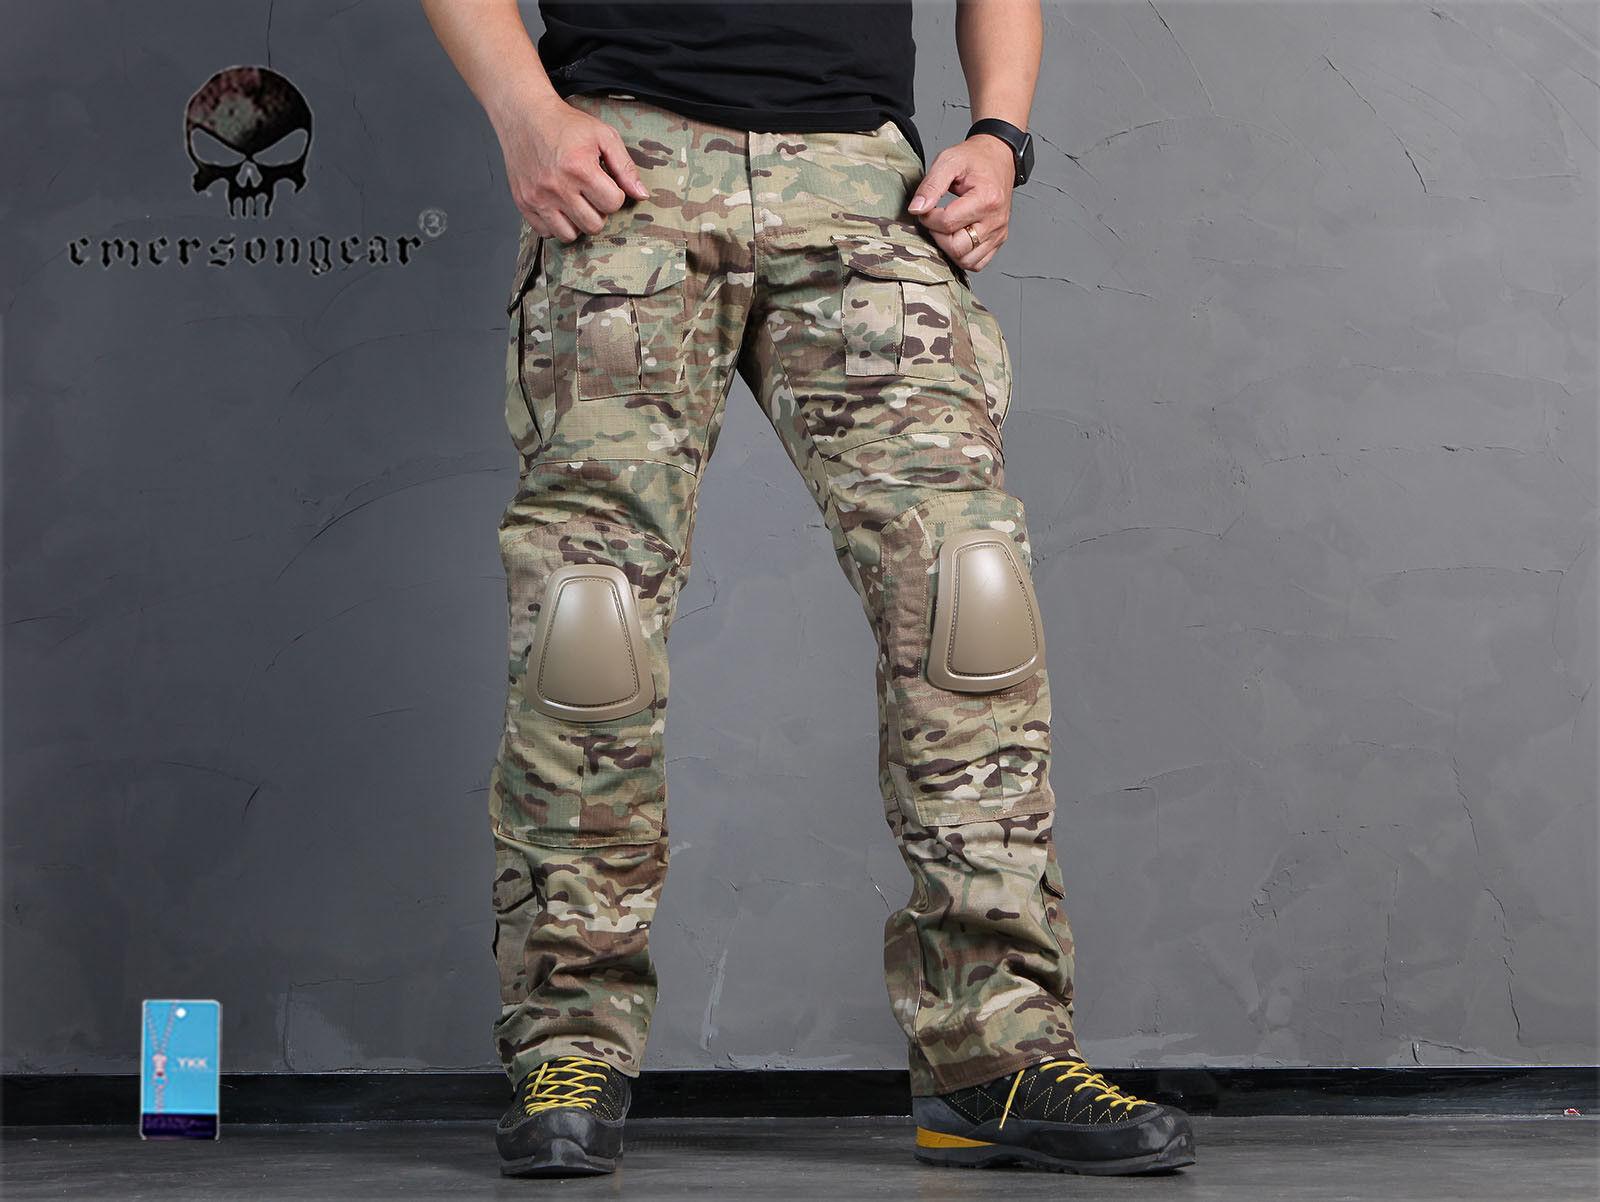 Hombres Pantalones BDU Combate Militar Airsoft Emerson Táctico Gen2 Pantalones Con Rodillera